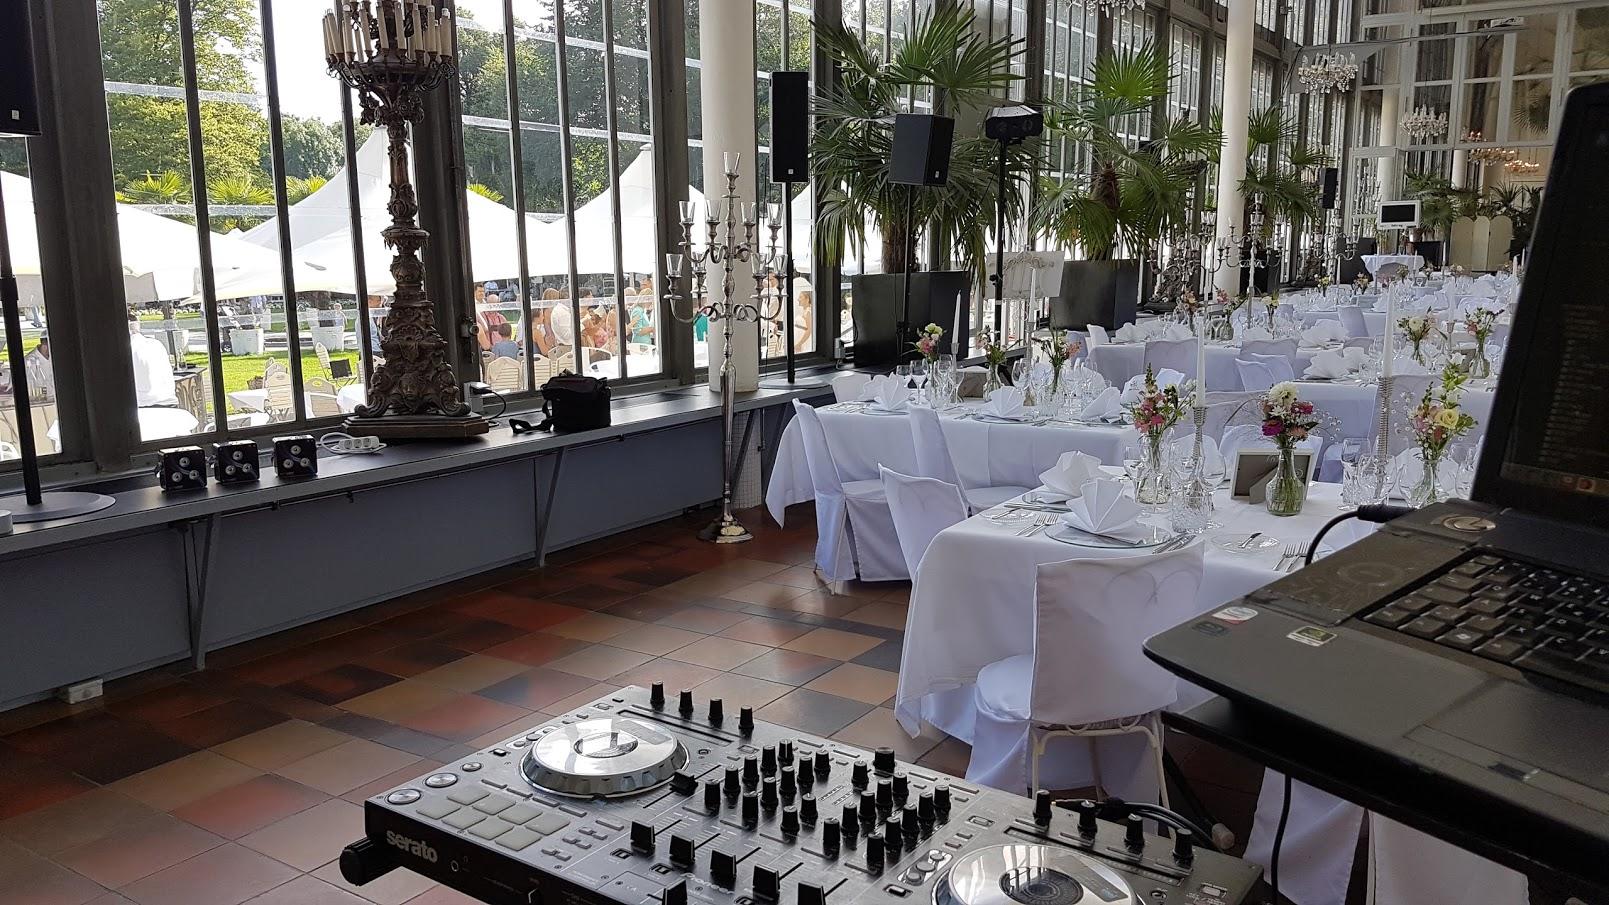 Wedding @ Schlosscafe Palmenhaus Munich